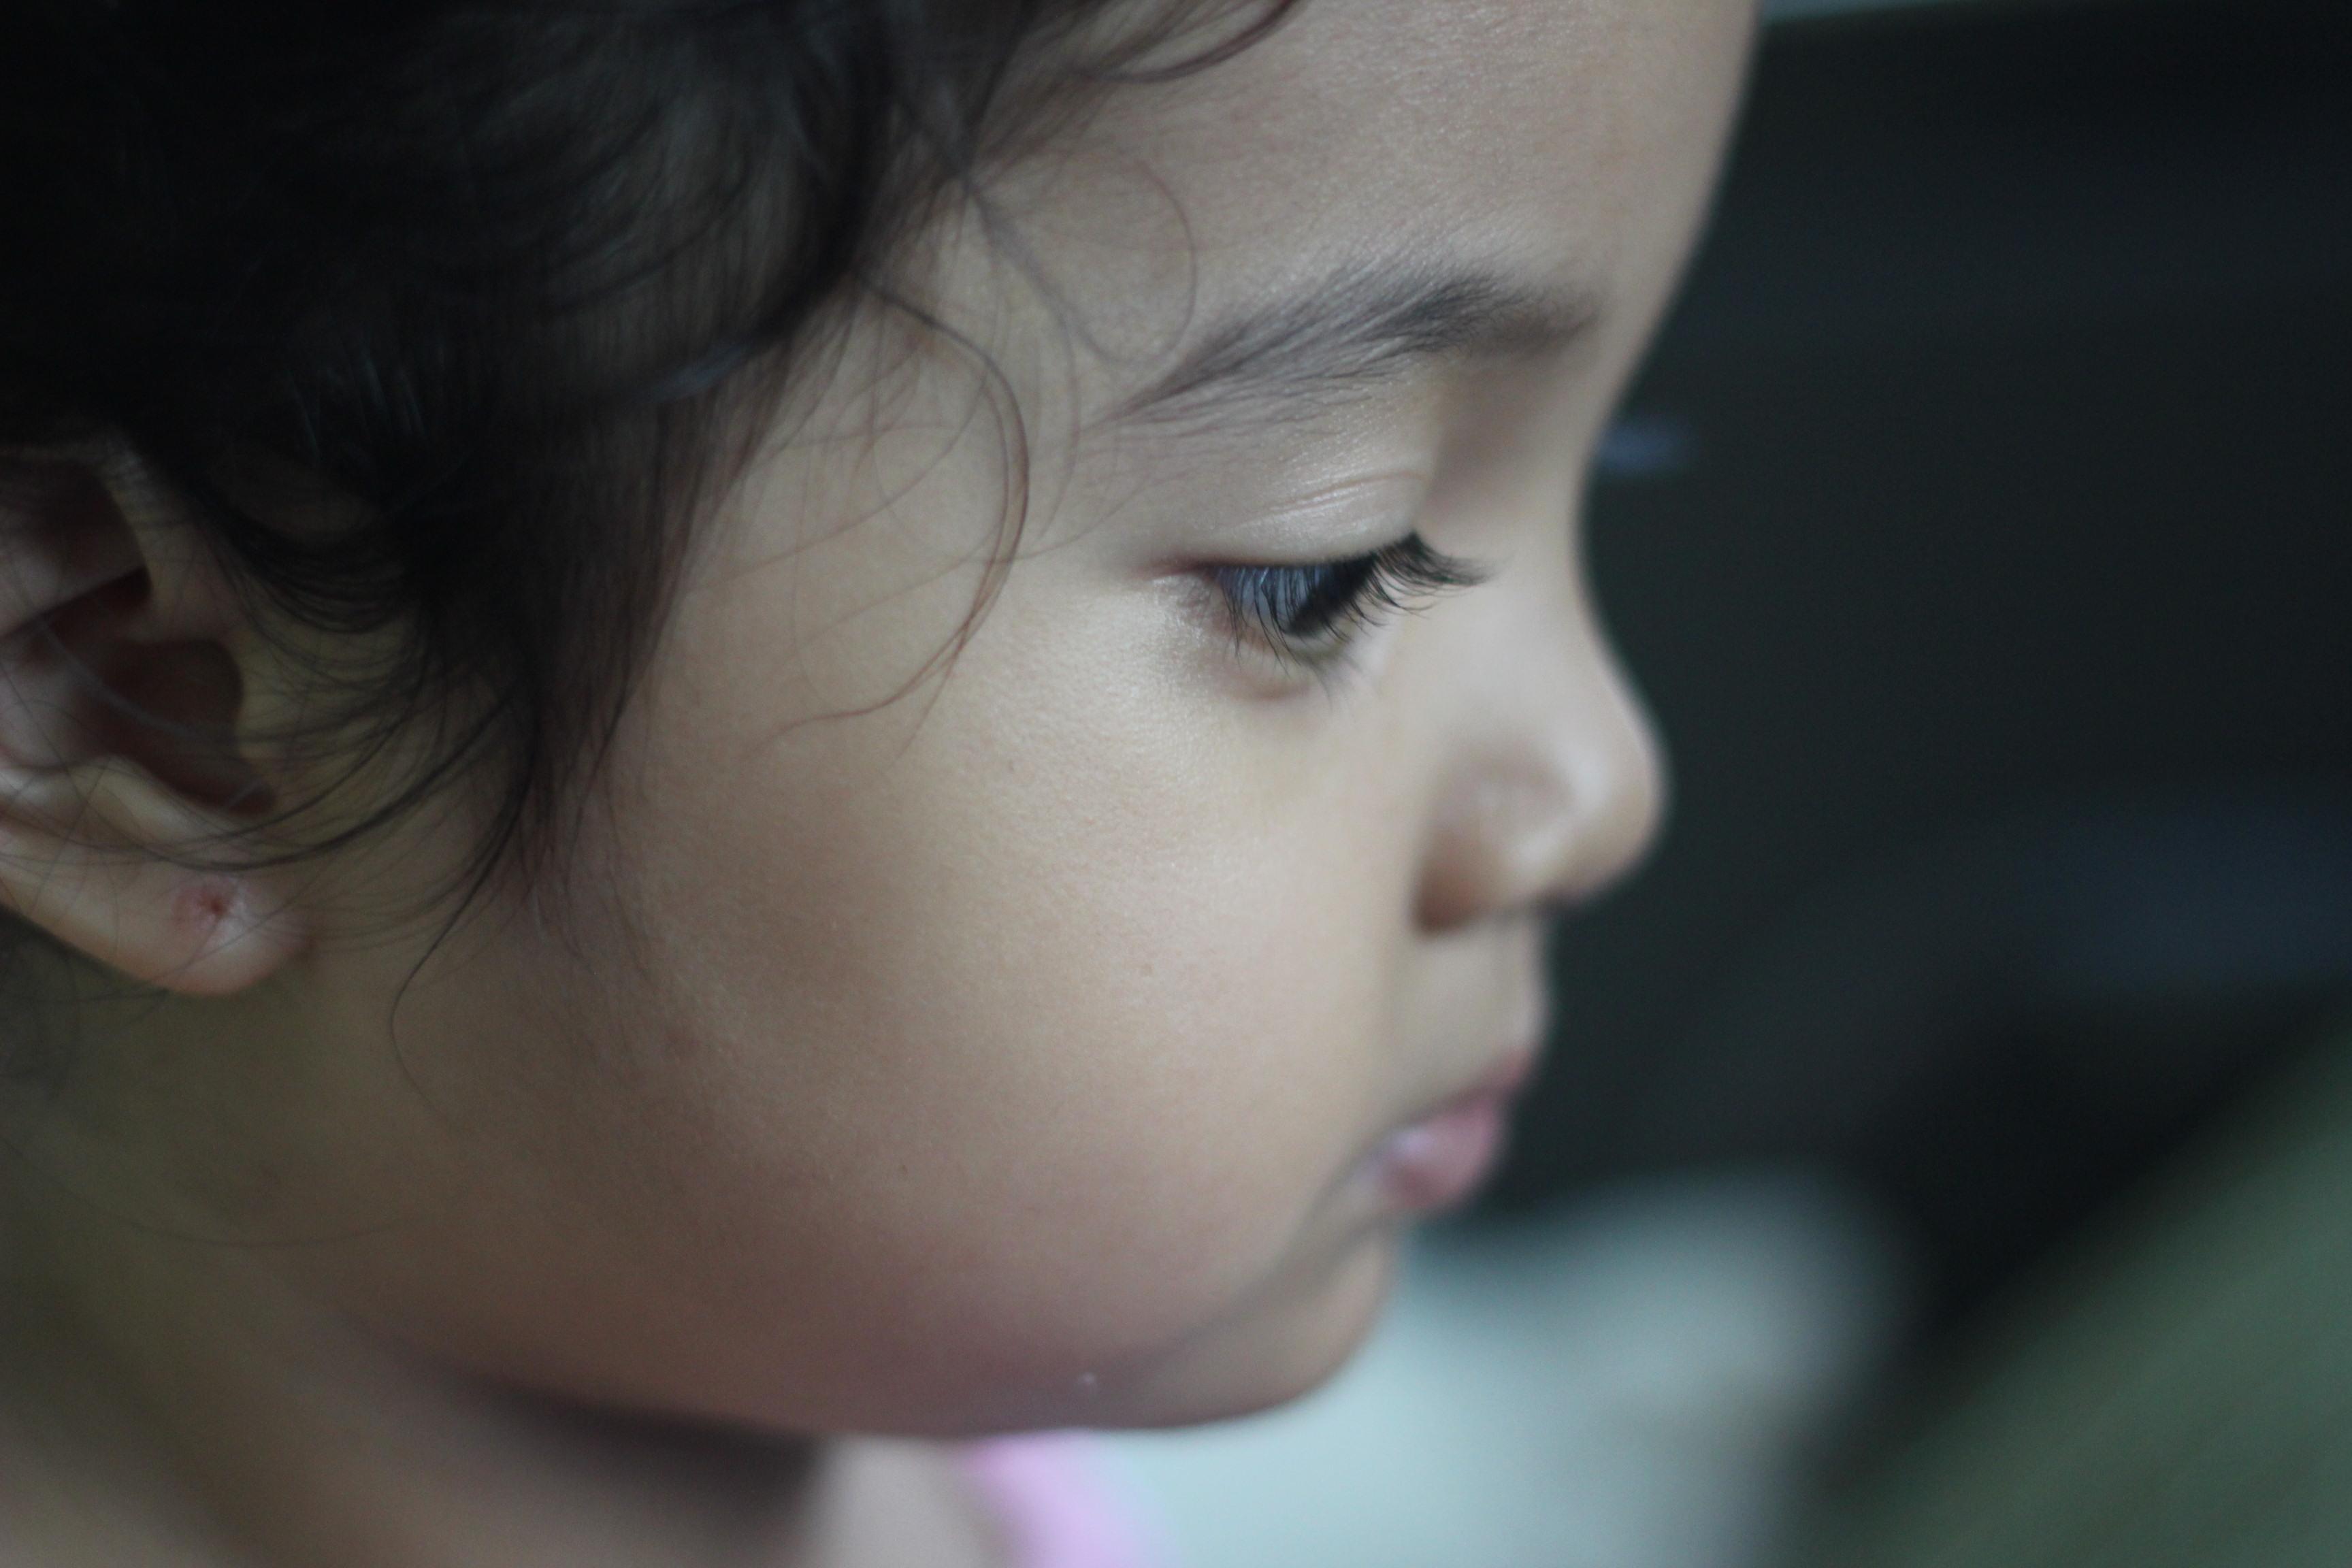 Gunting Bulu Mata Bayi Bikin Bulu Mata Lentik Mommies Daily